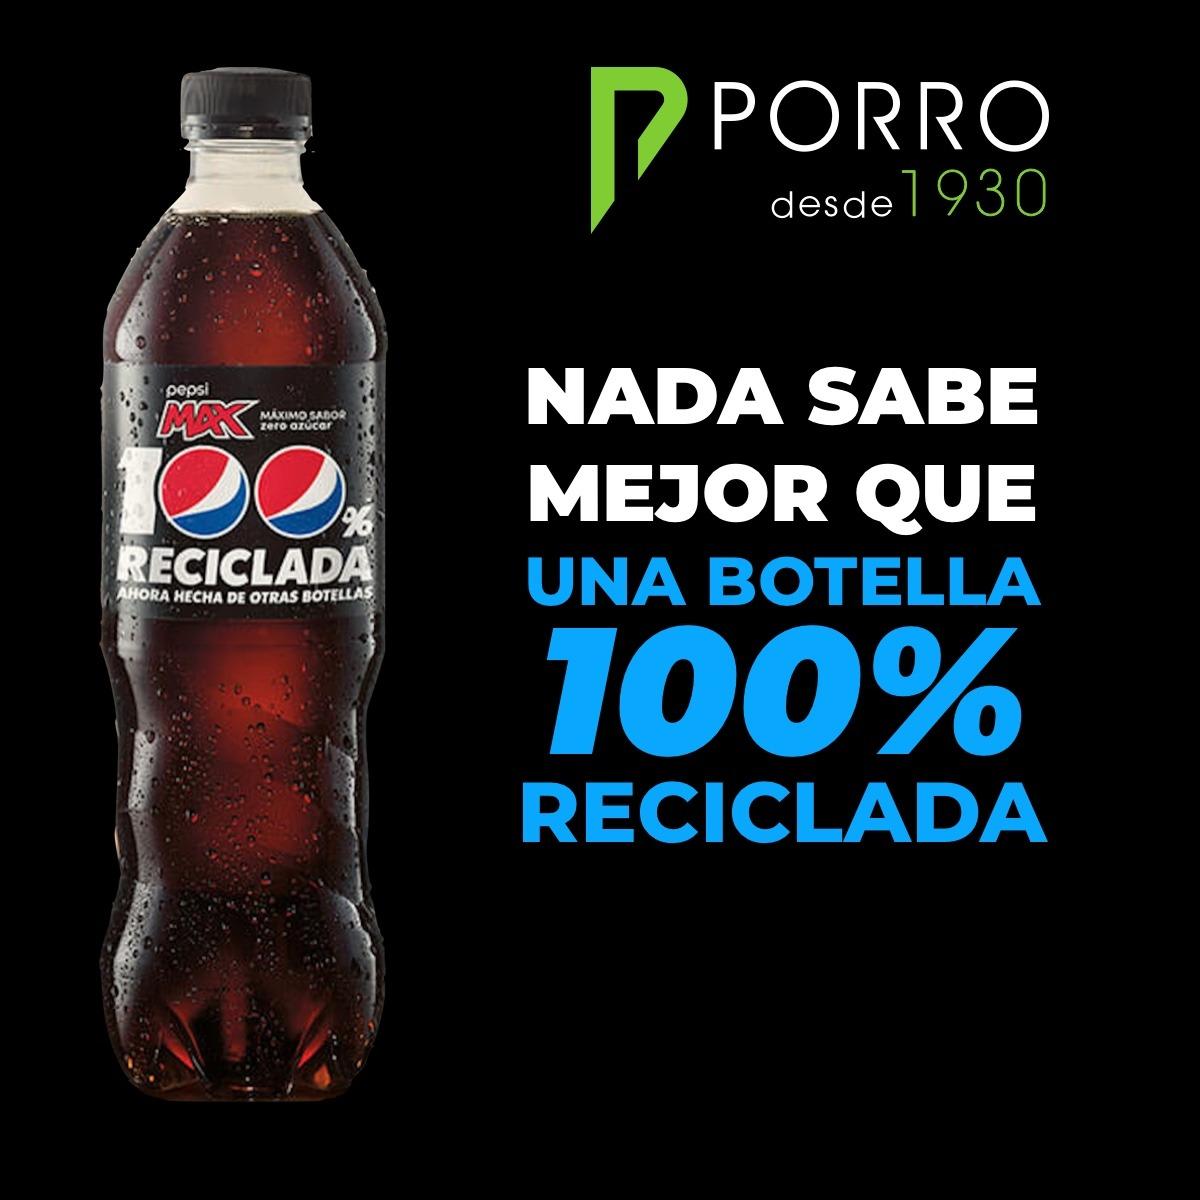 Pepsi con botella 100% reciclada en la nueva campaña de publicidad